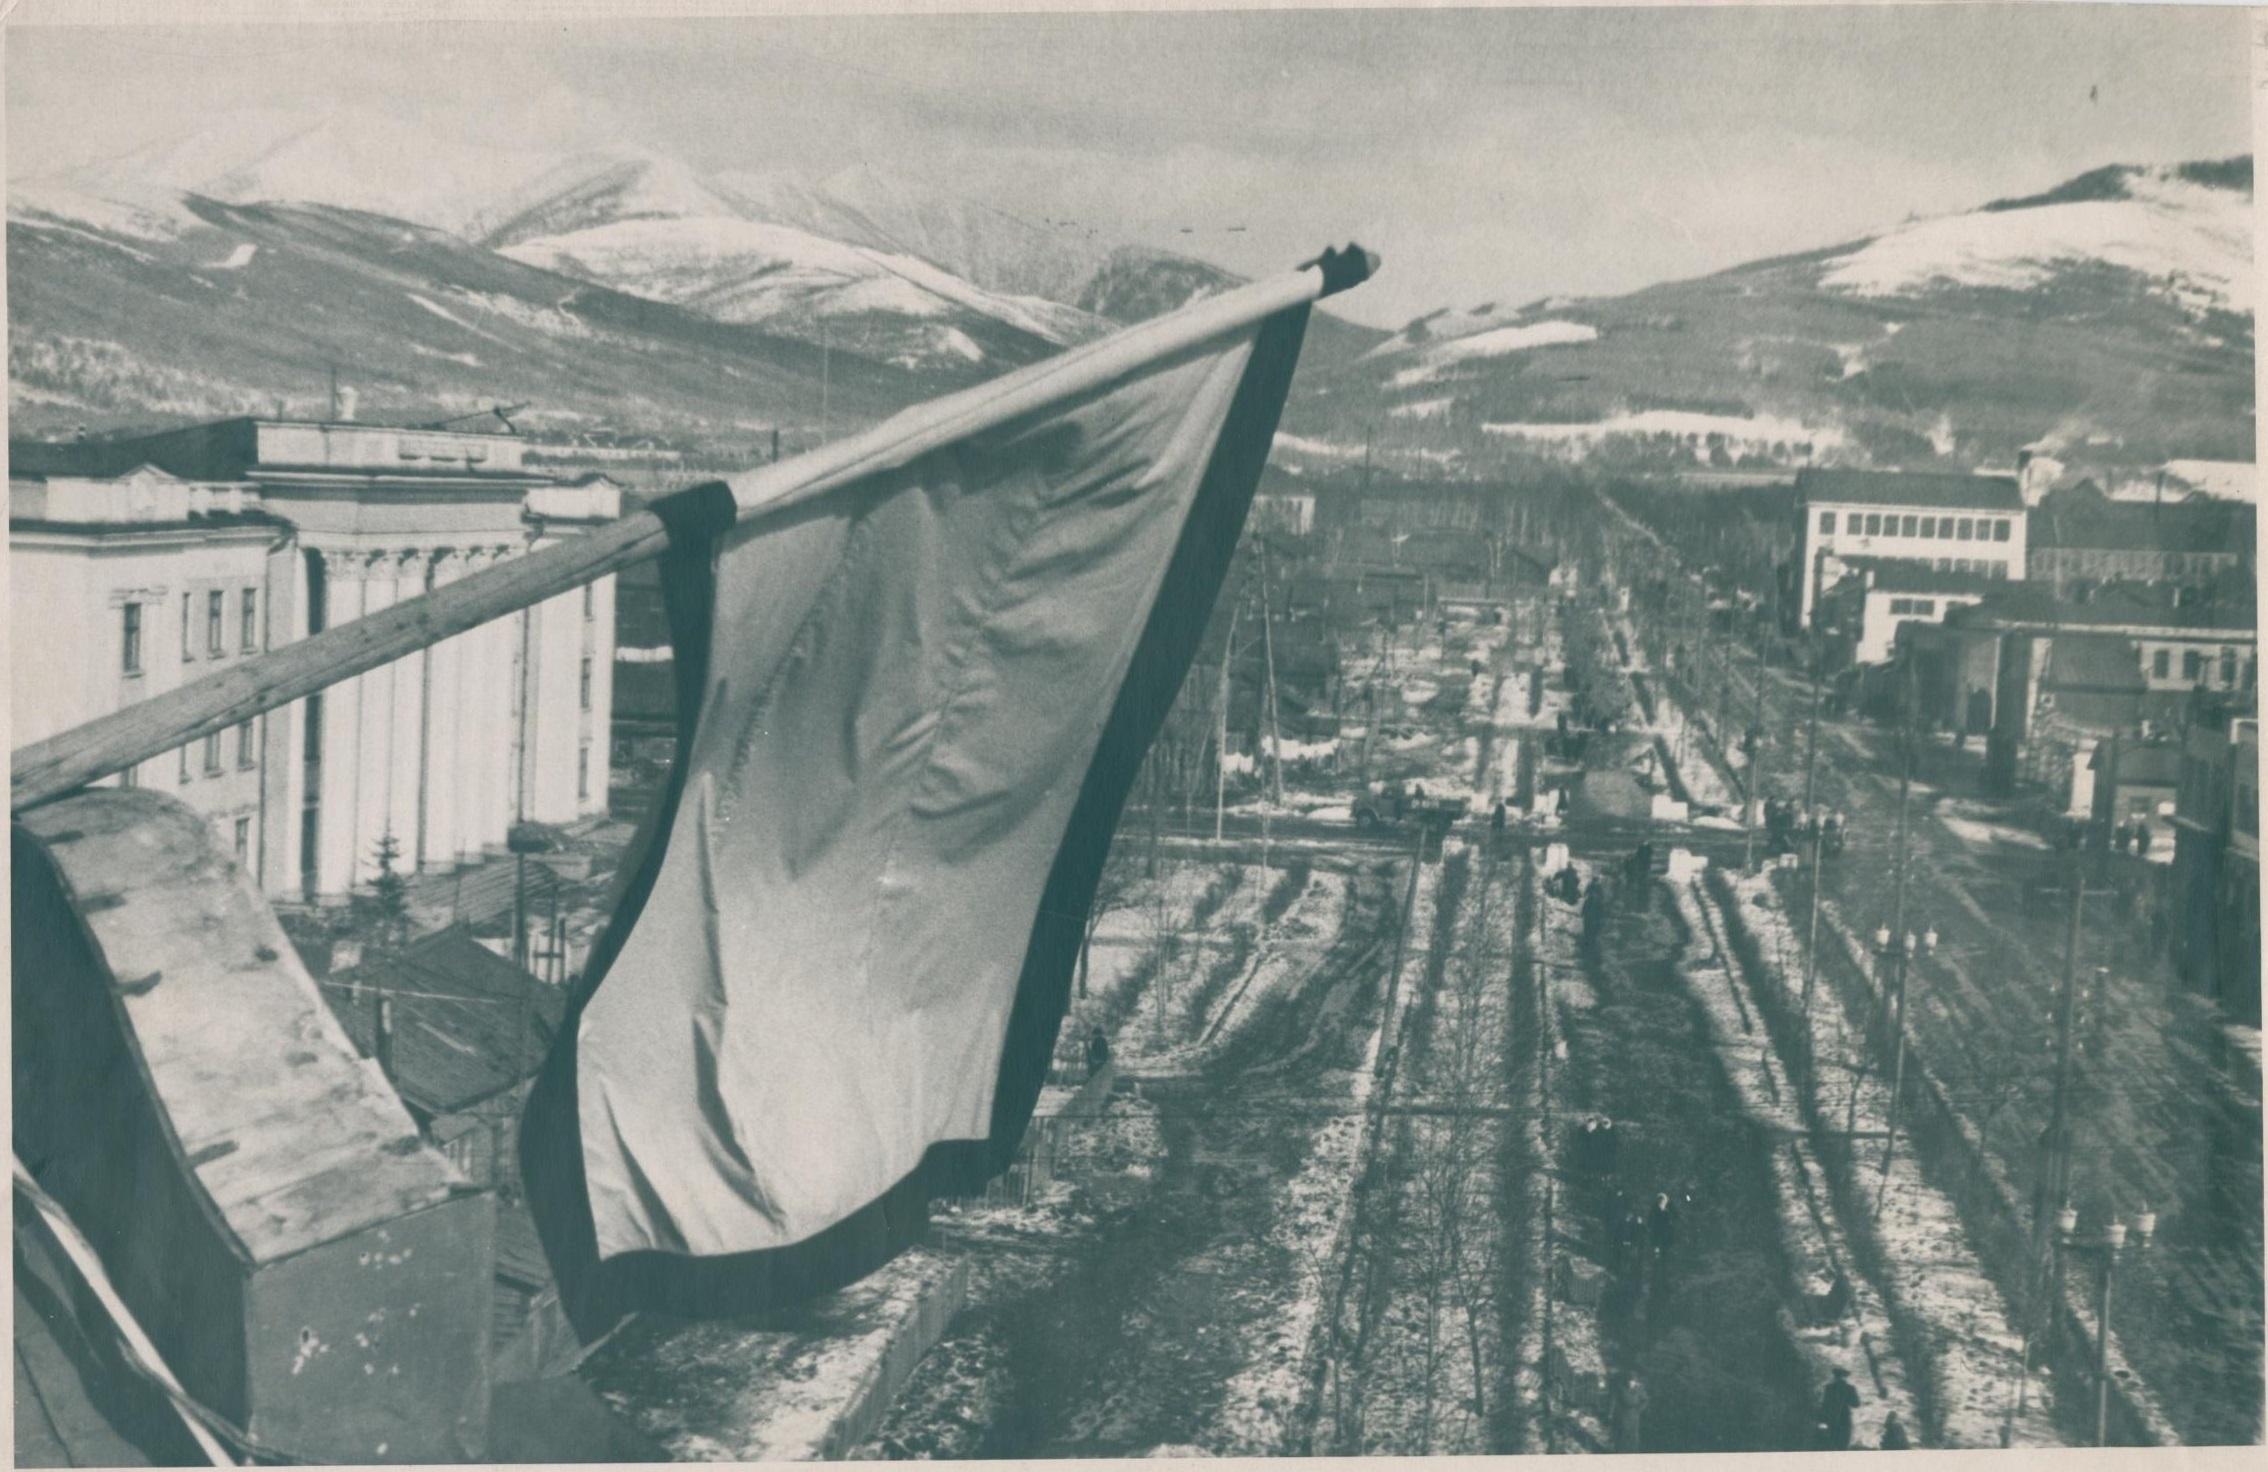 Панорама части города Южно-Сахалинска (вид сверху на улицу Сталина). На переднем плане с левой стороны – траурный флаг, прикрепленный к крыше здания.